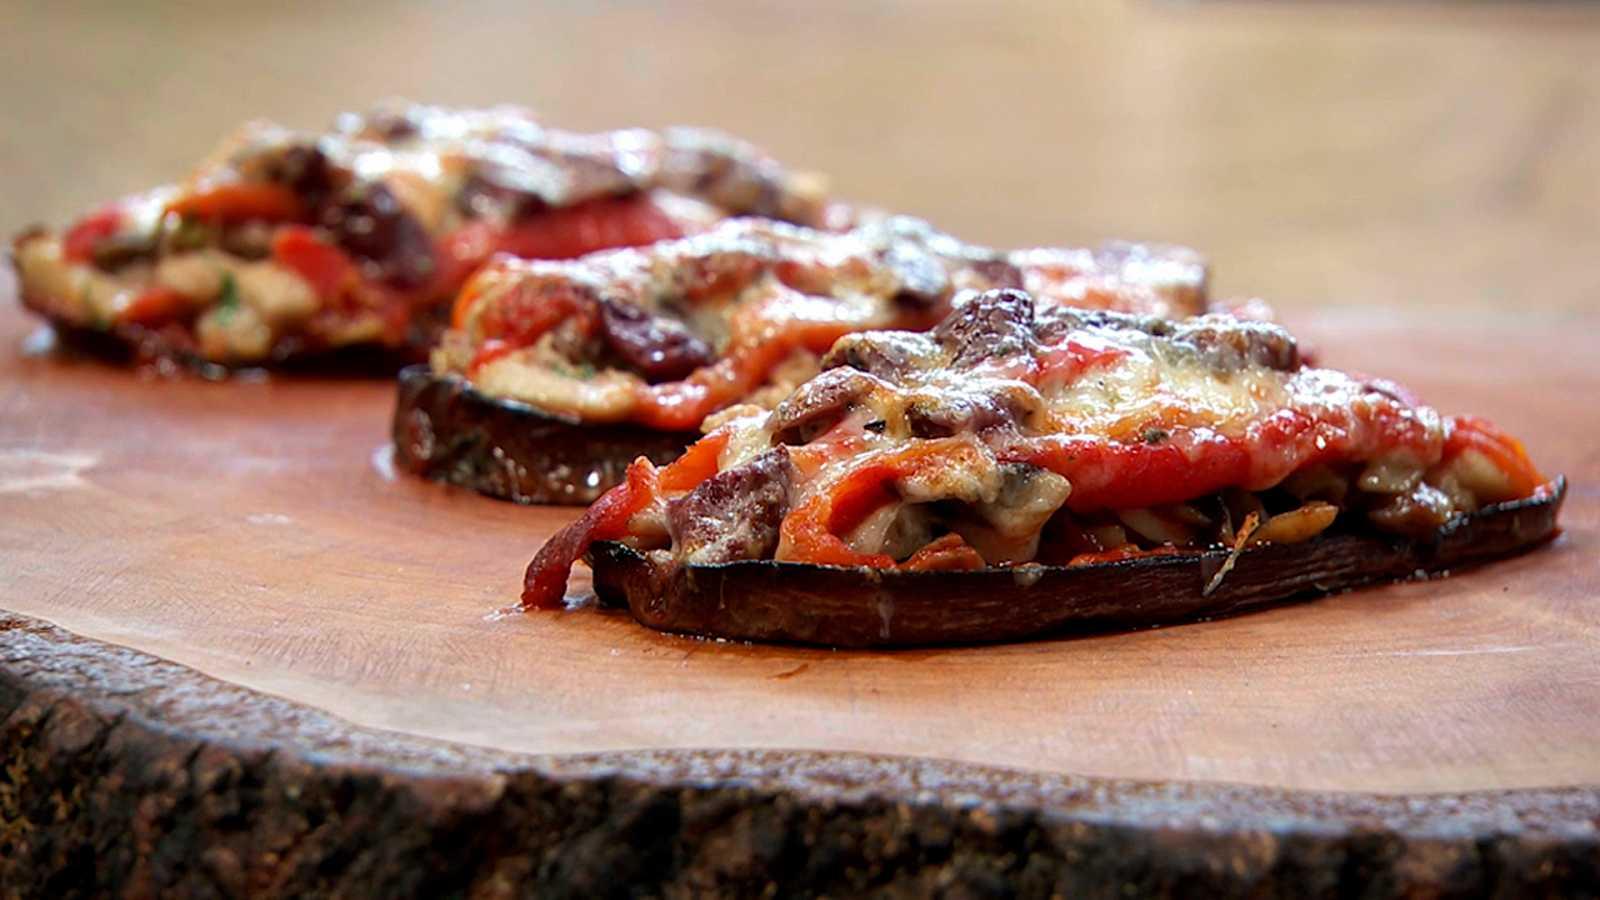 Torres en la cocina - Mini pizza de berenjena